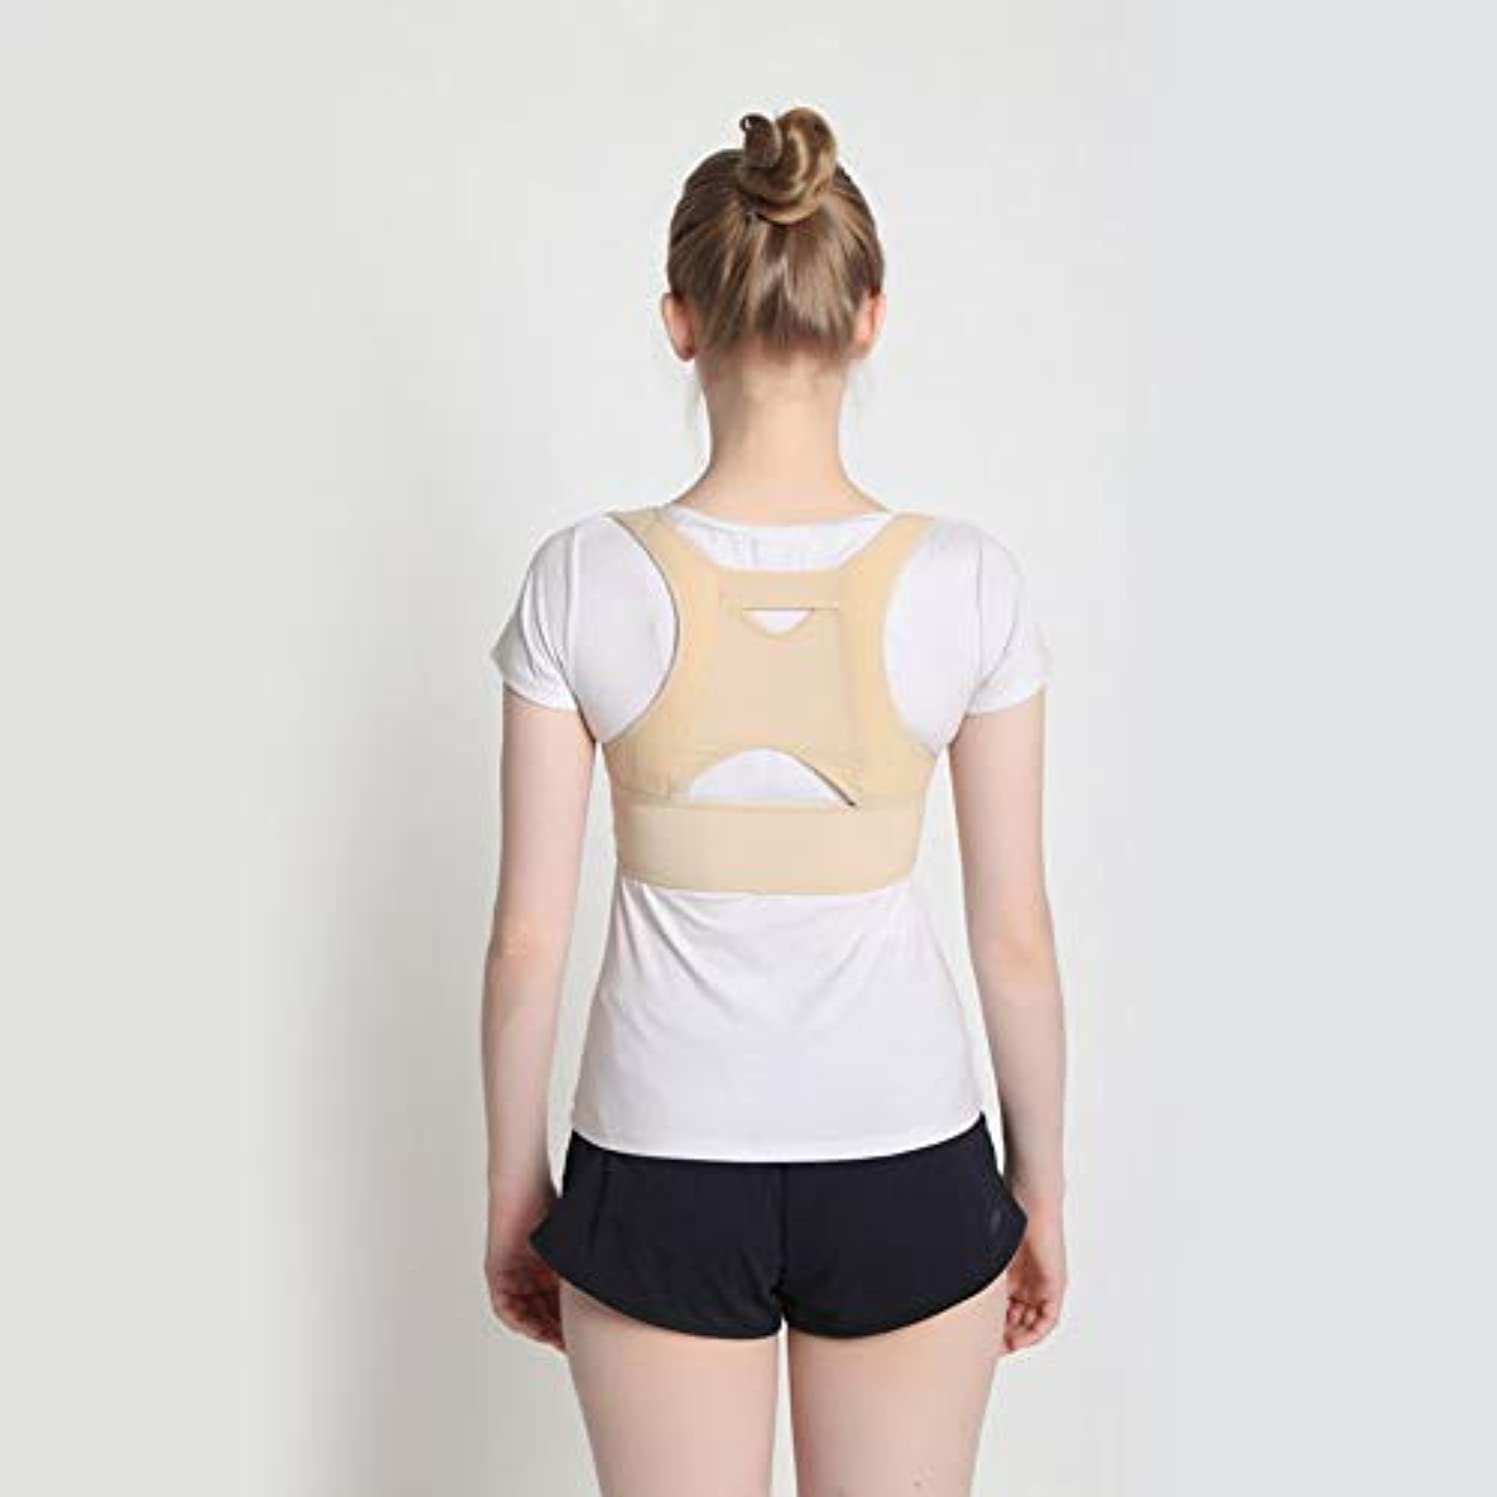 出身地ハイキングに行くフォーク通気性のある女性の背中の姿勢矯正コルセット整形外科の肩の背骨の背骨の姿勢矯正腰椎サポート